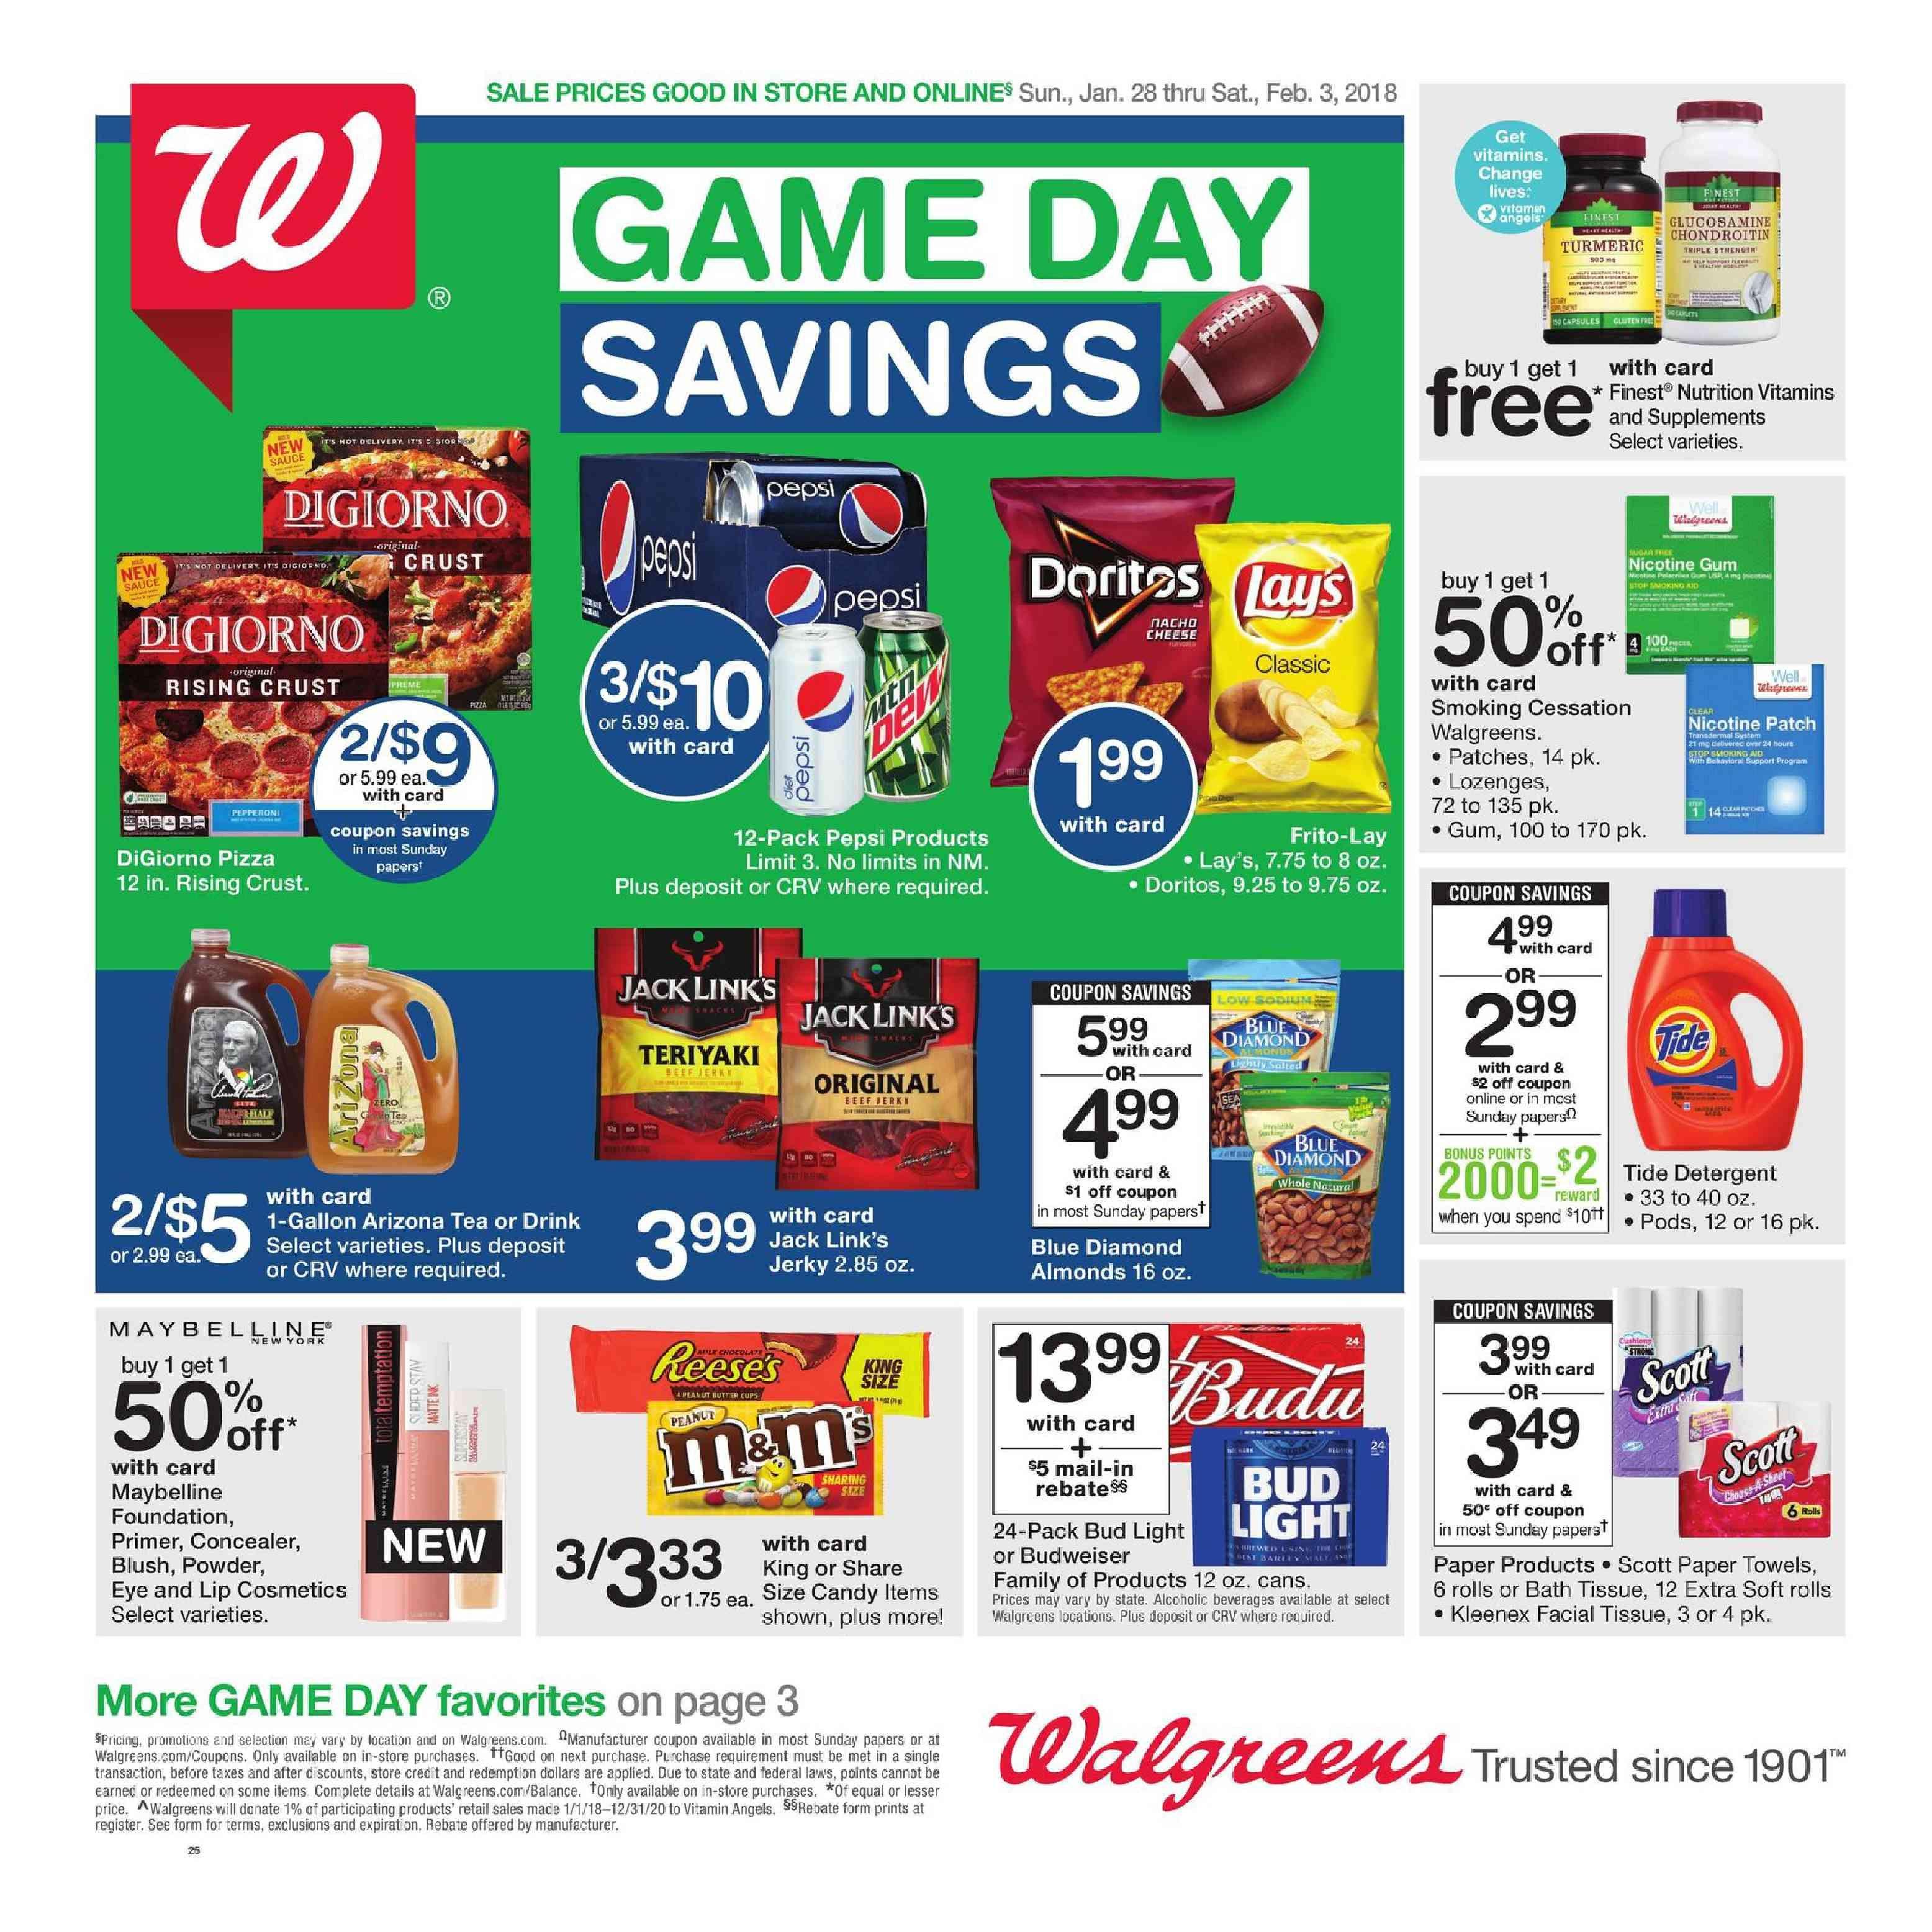 walgreens photo coupons may 2020